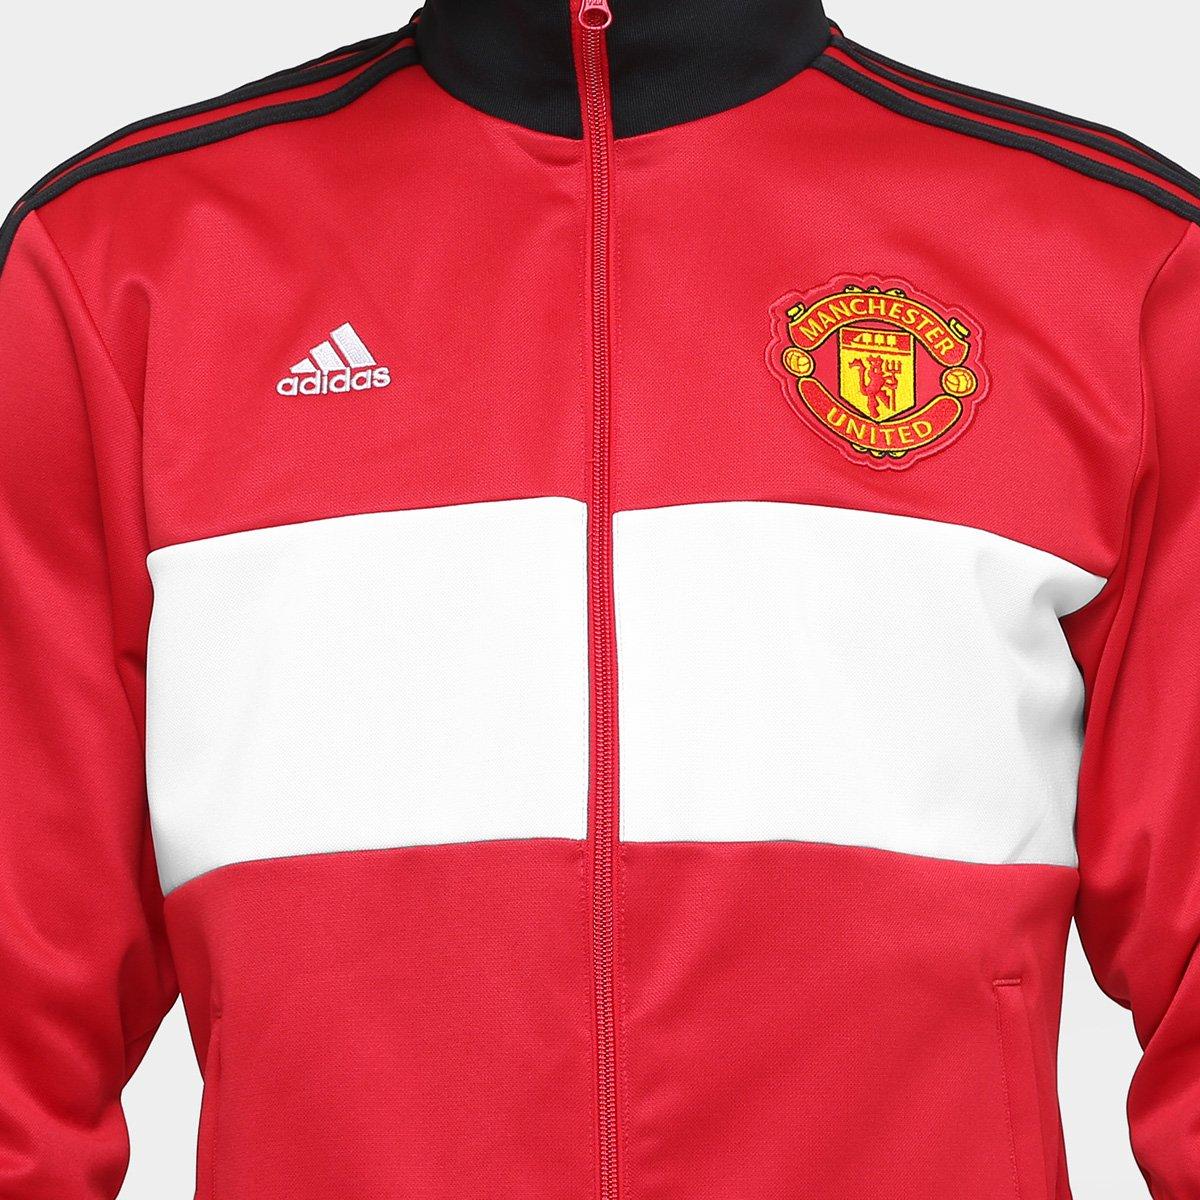 Jaqueta Manchester United Adidas 3S Masculina - Vermelho - Compre ... 7ce55ab797ed1